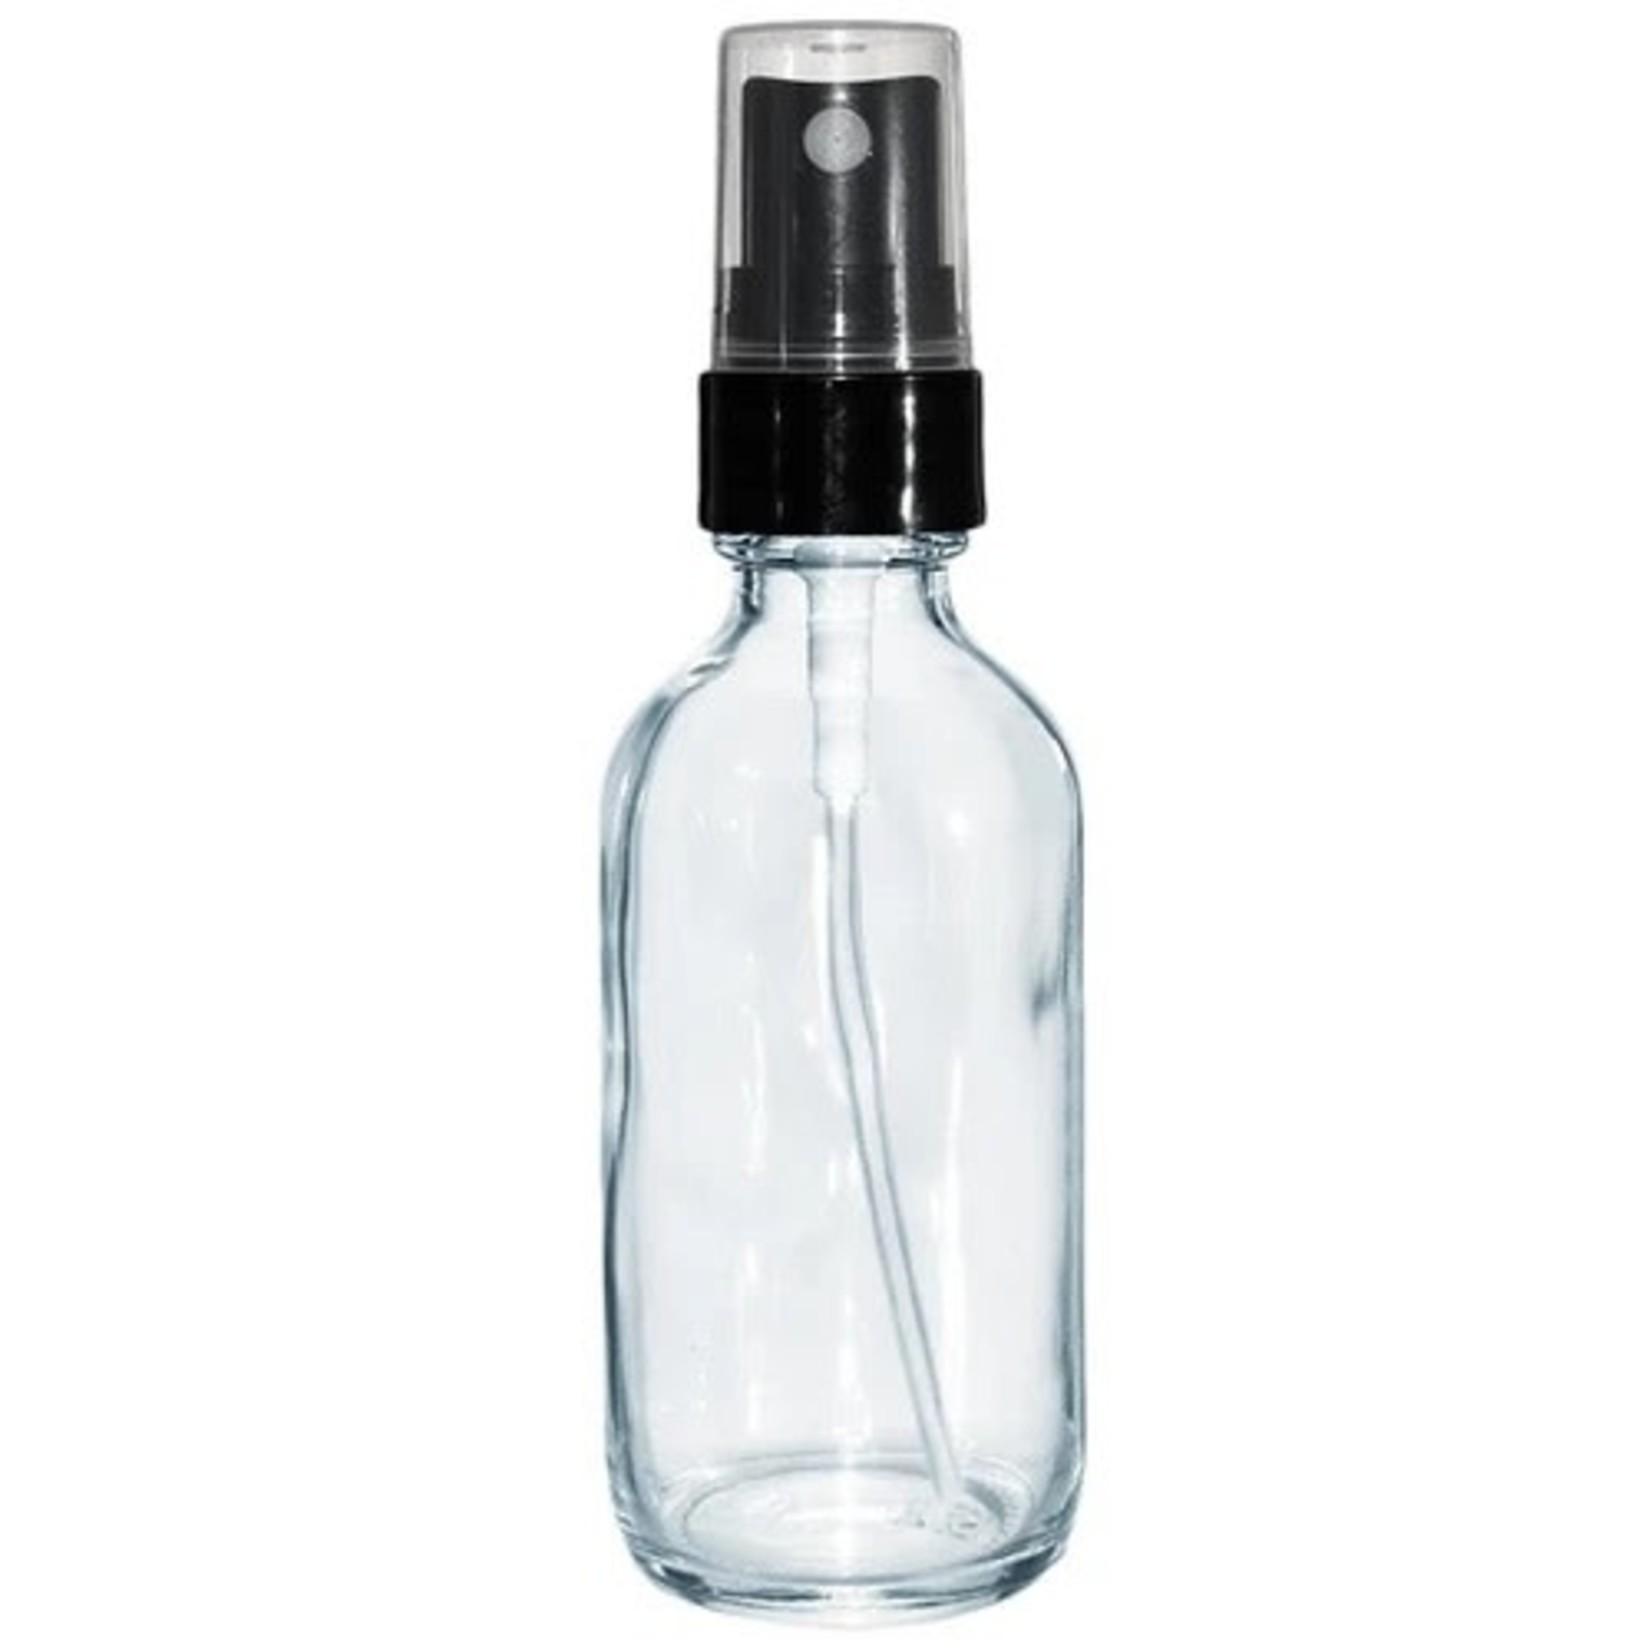 Boston Round Glass bottle w/sprayer 2oz